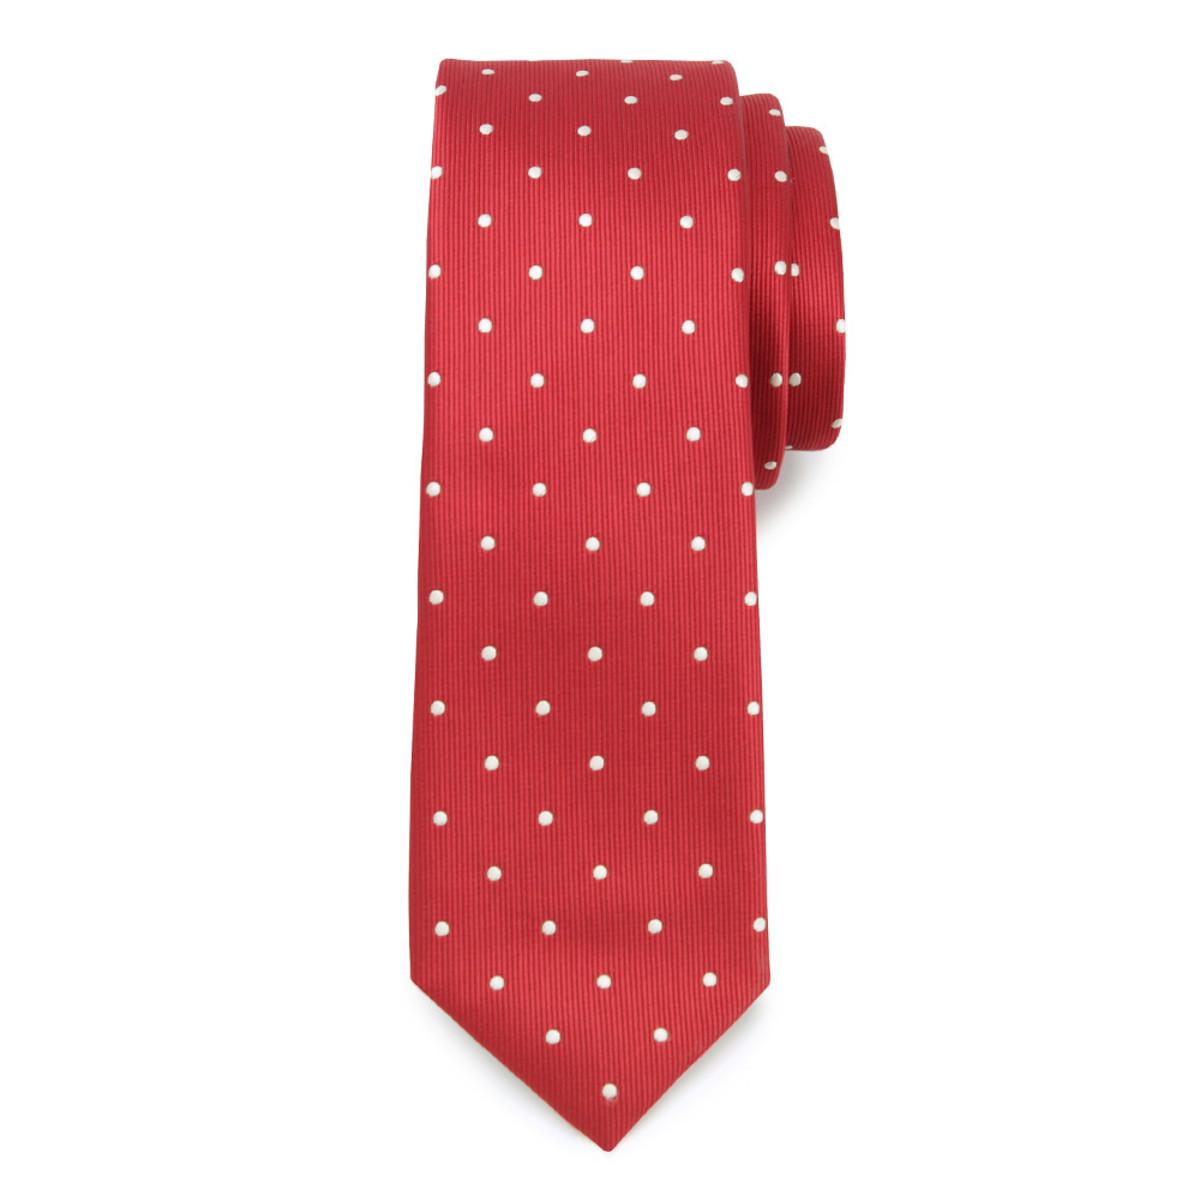 Úzka kravata červené farby s bodkami 9816